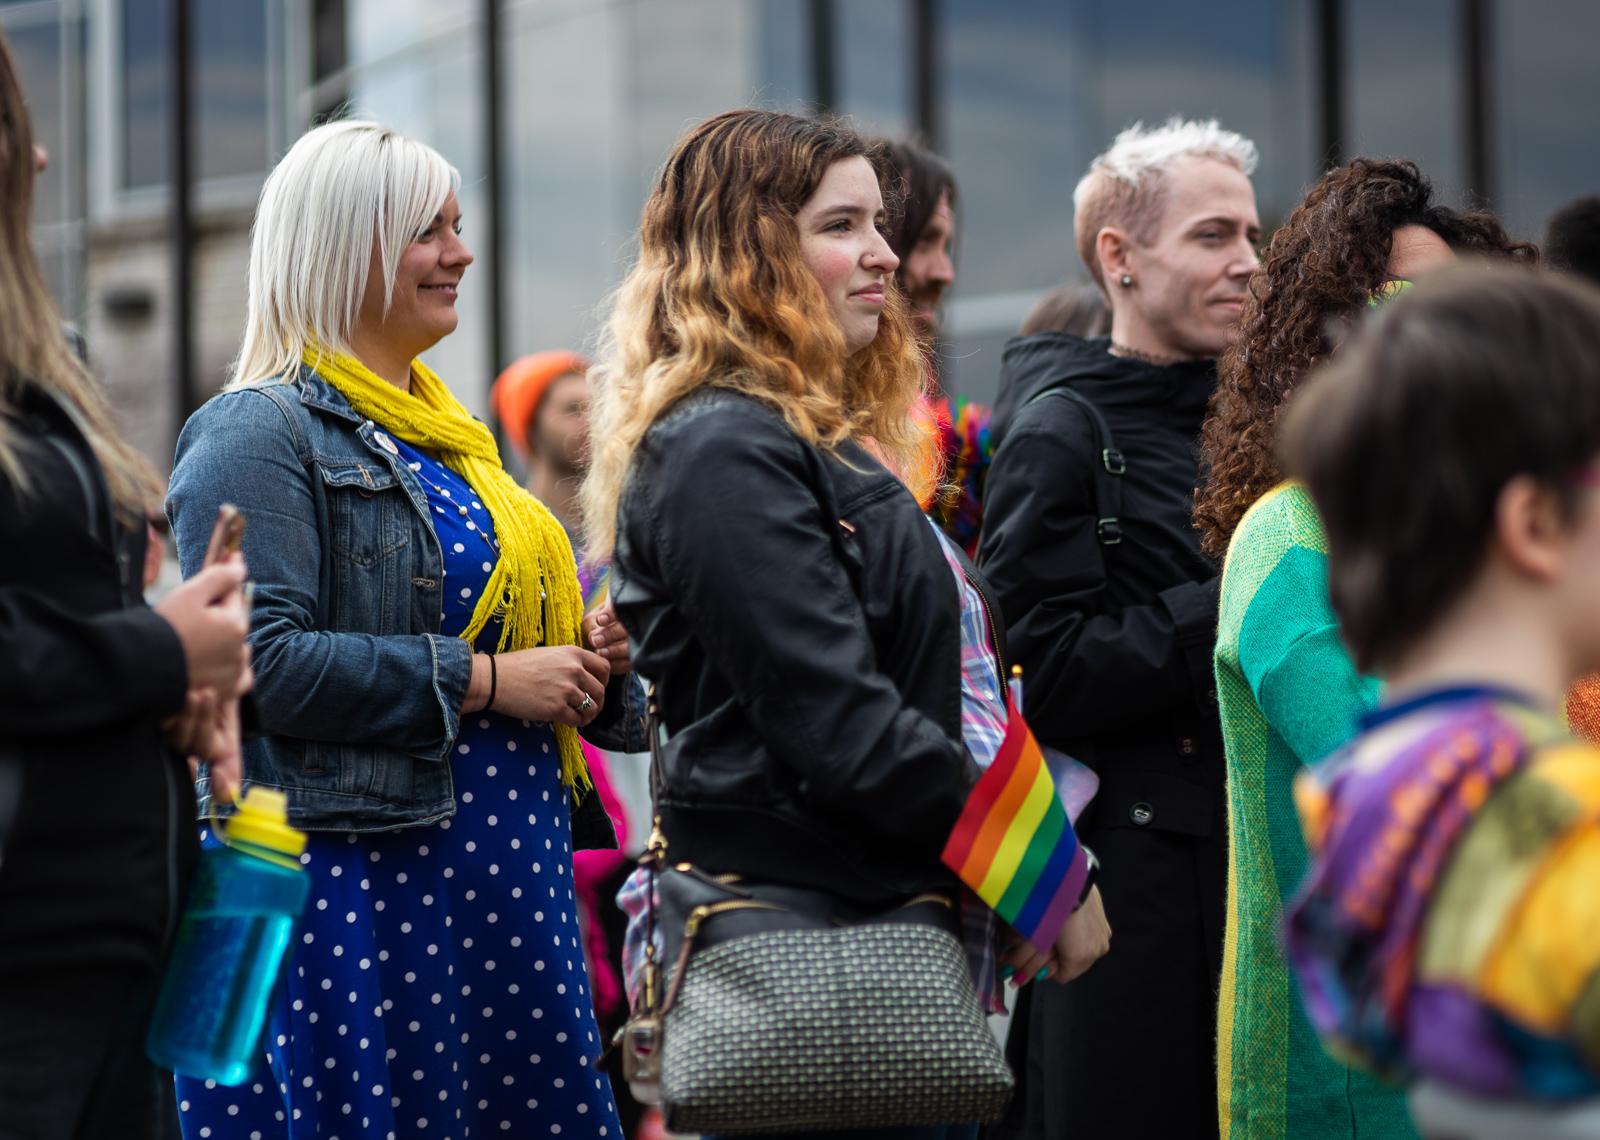 pride-2019-opening-ceremonies-blog-38.jpg